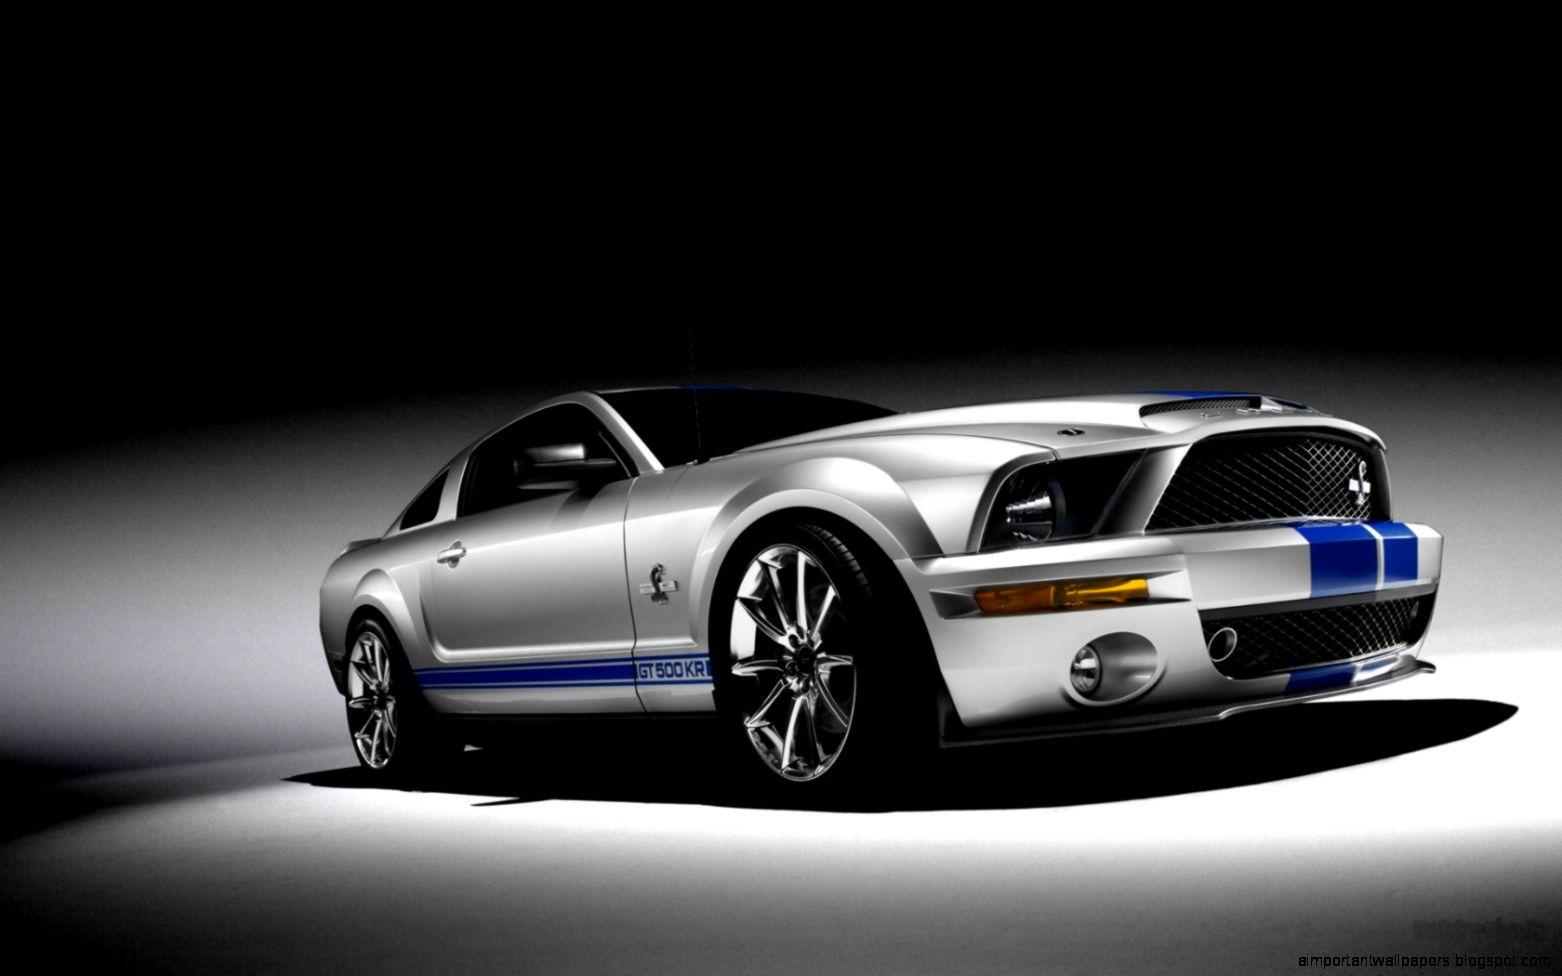 Gambar Mobil Mustang Gt500